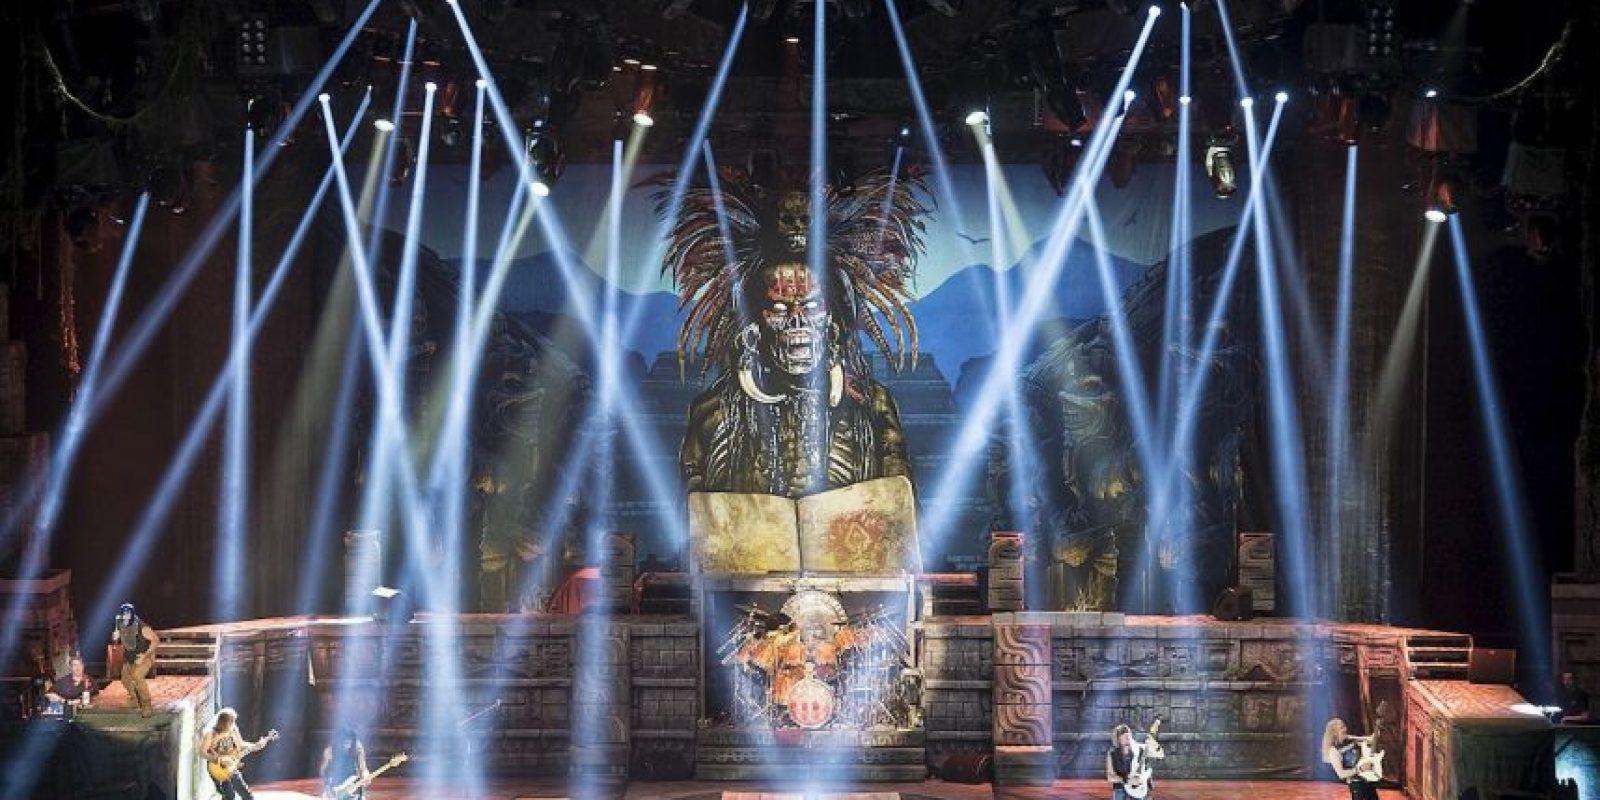 """Estas son algunas imágenes de la gira de Iron Maiden """"The Book of Souls"""" Foto:Grosby Group"""